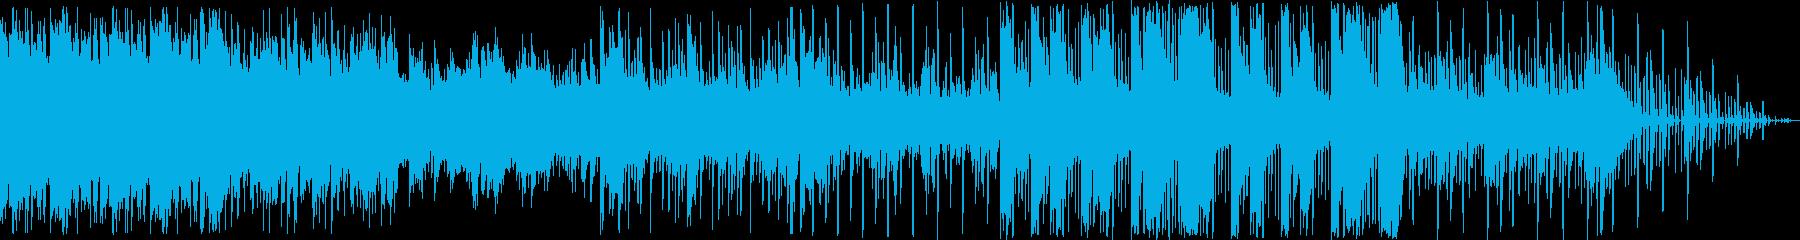 ピアノとシンセのエレクトロニカの再生済みの波形